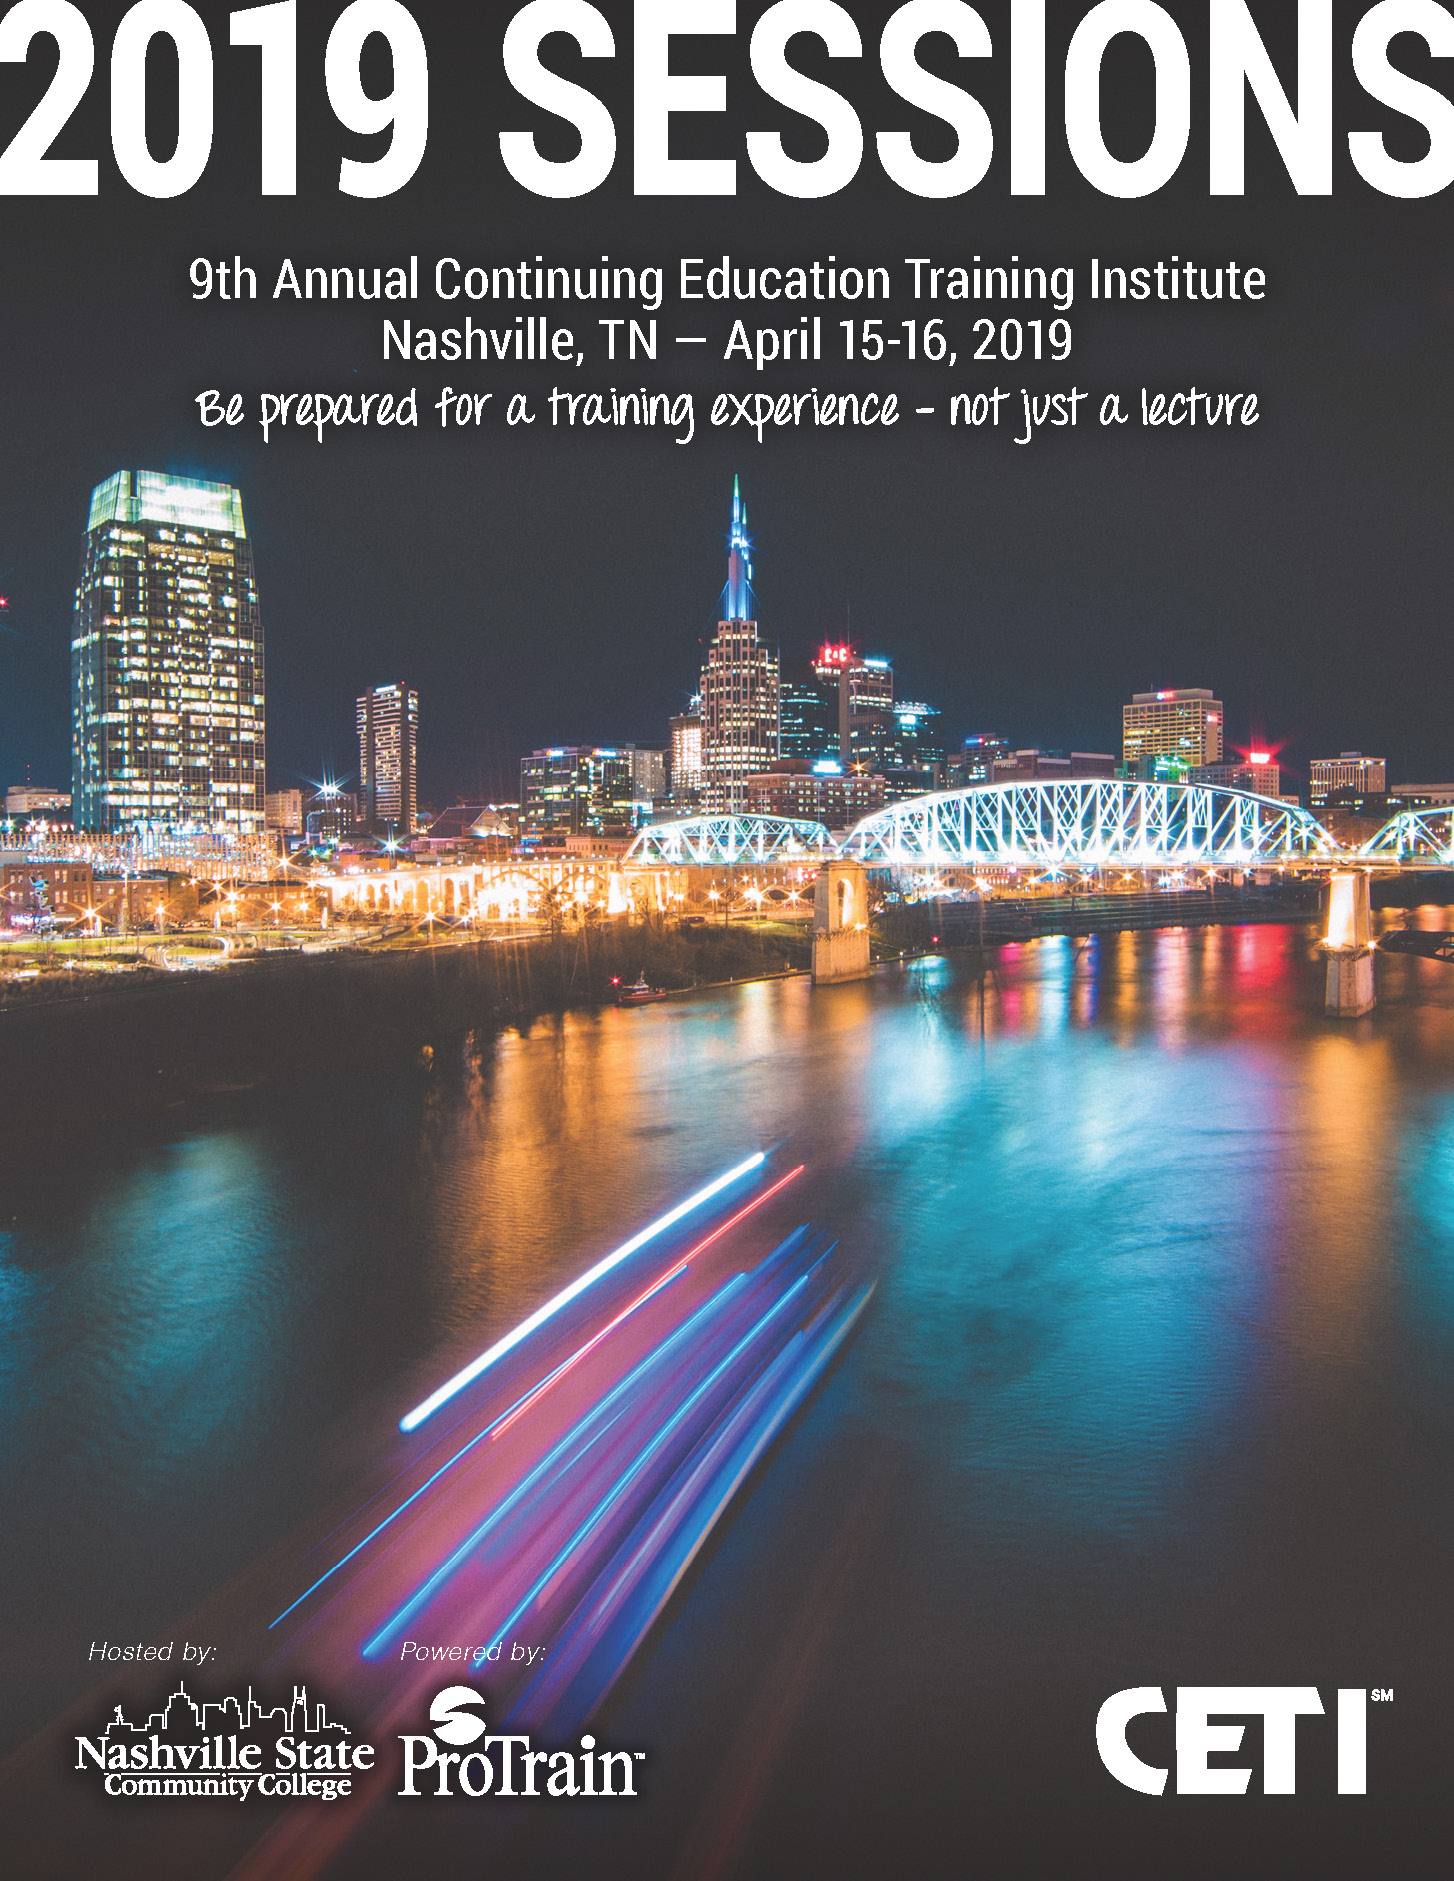 CETI 2019 Sessions